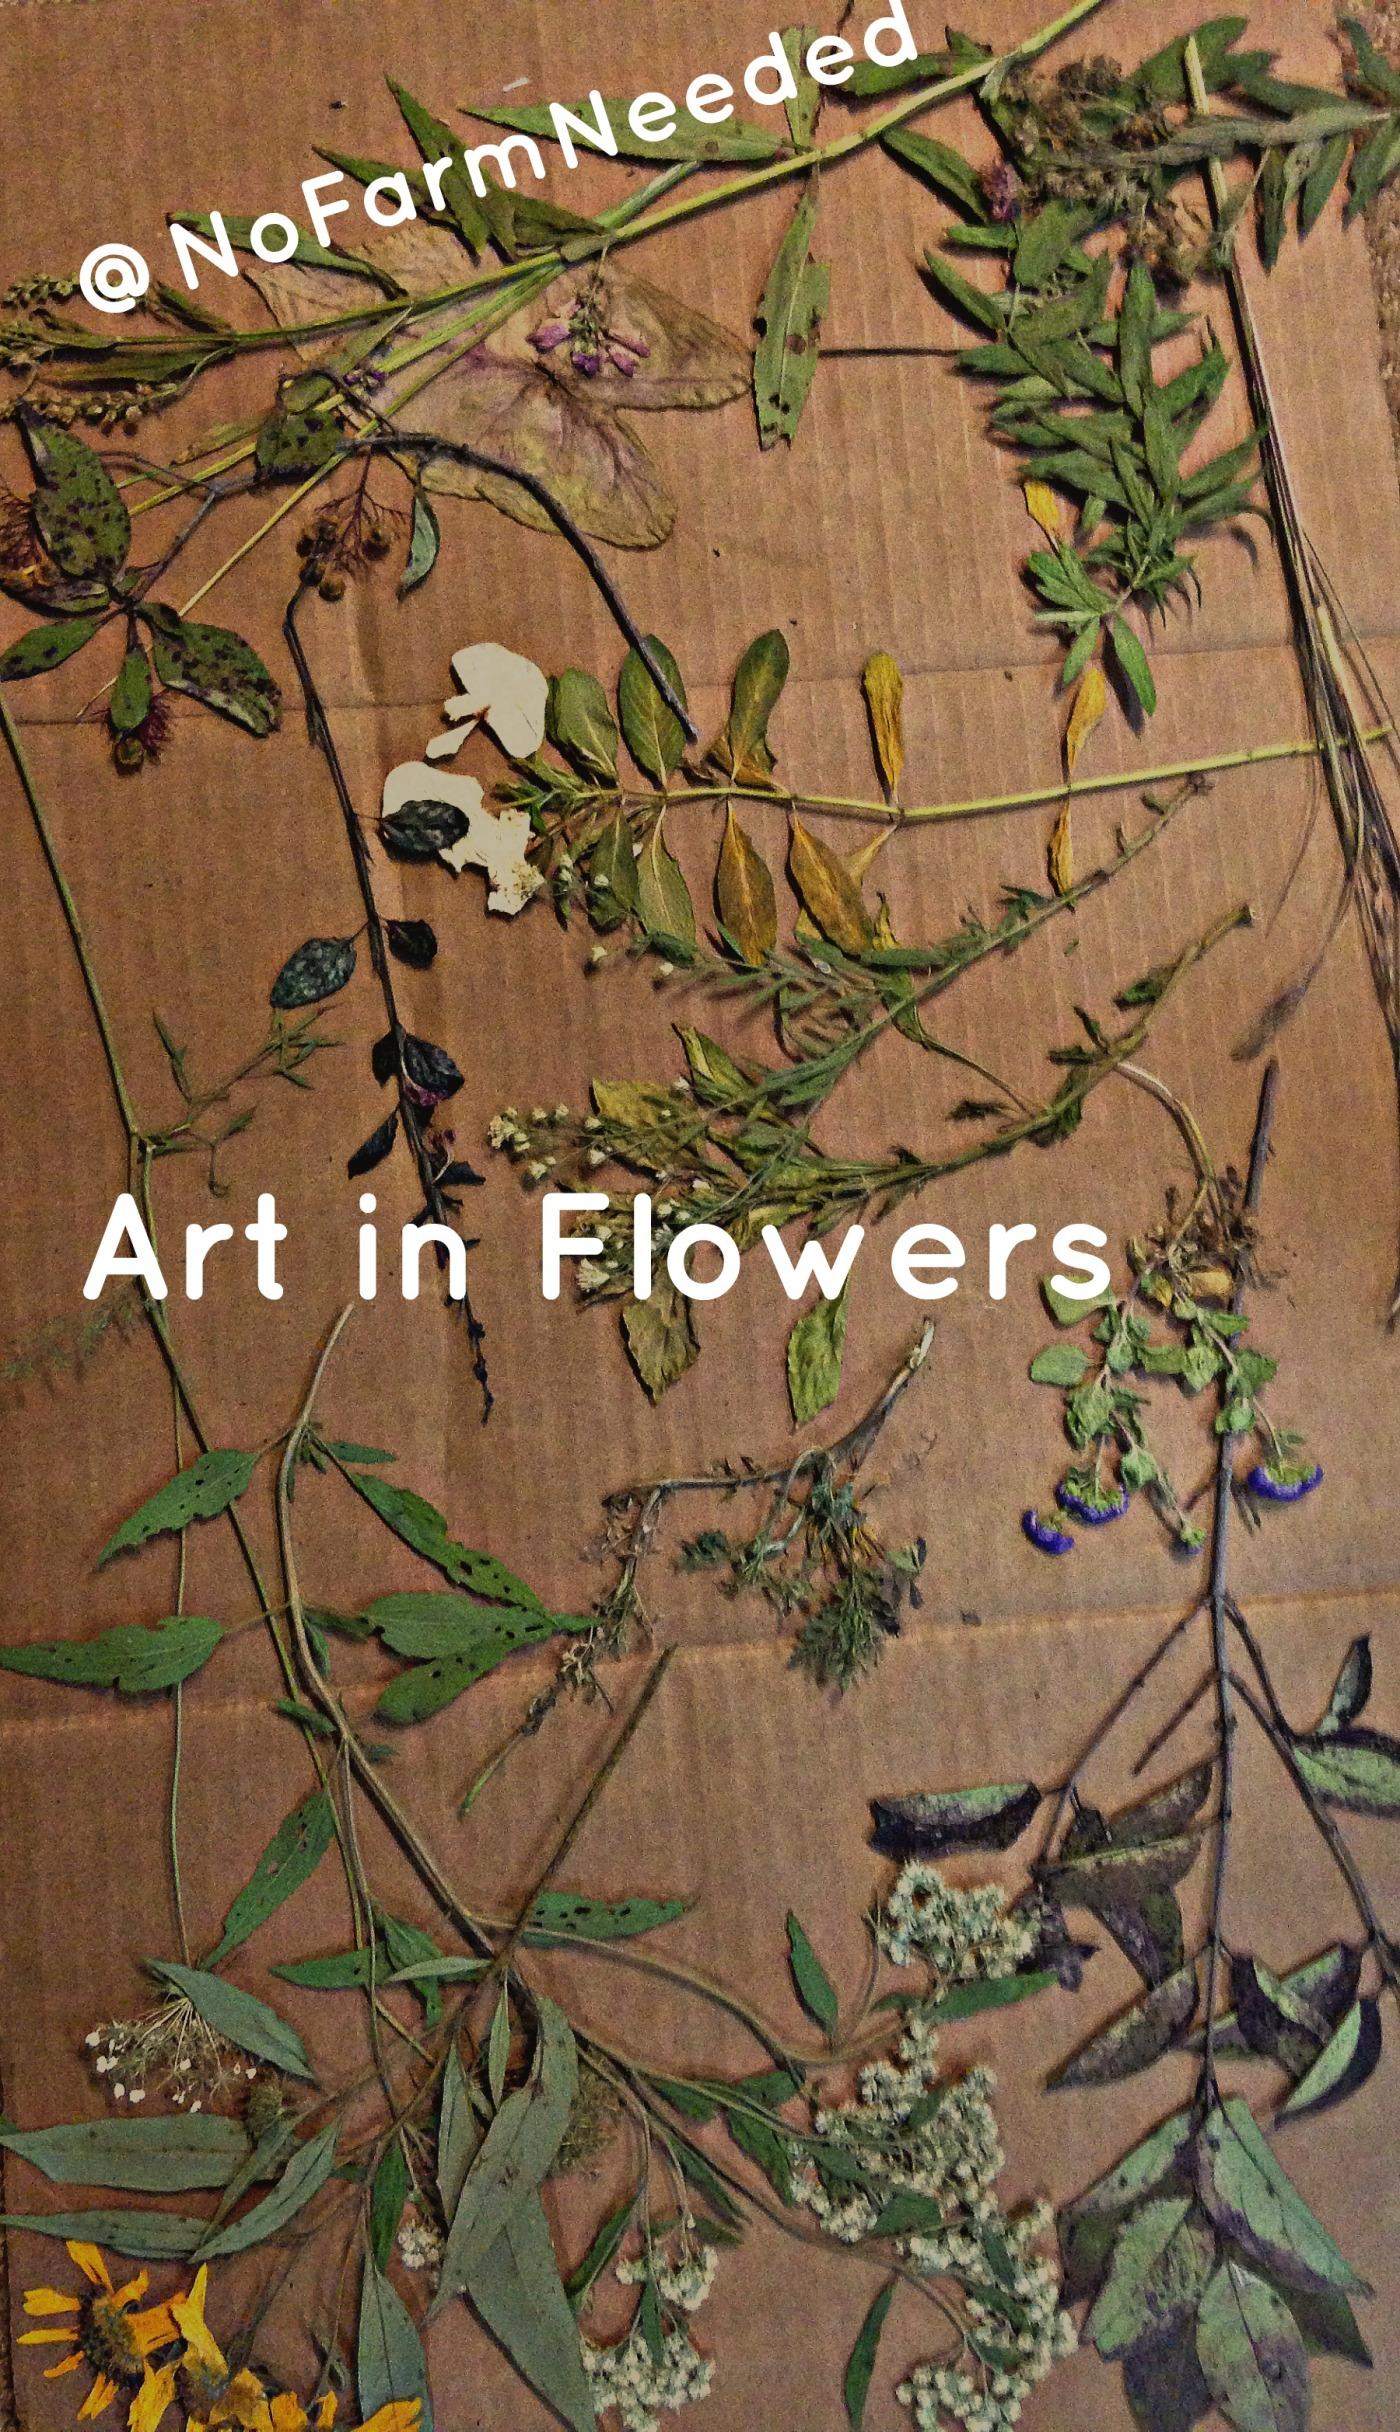 Art in Flowers @NoFarmNeeded